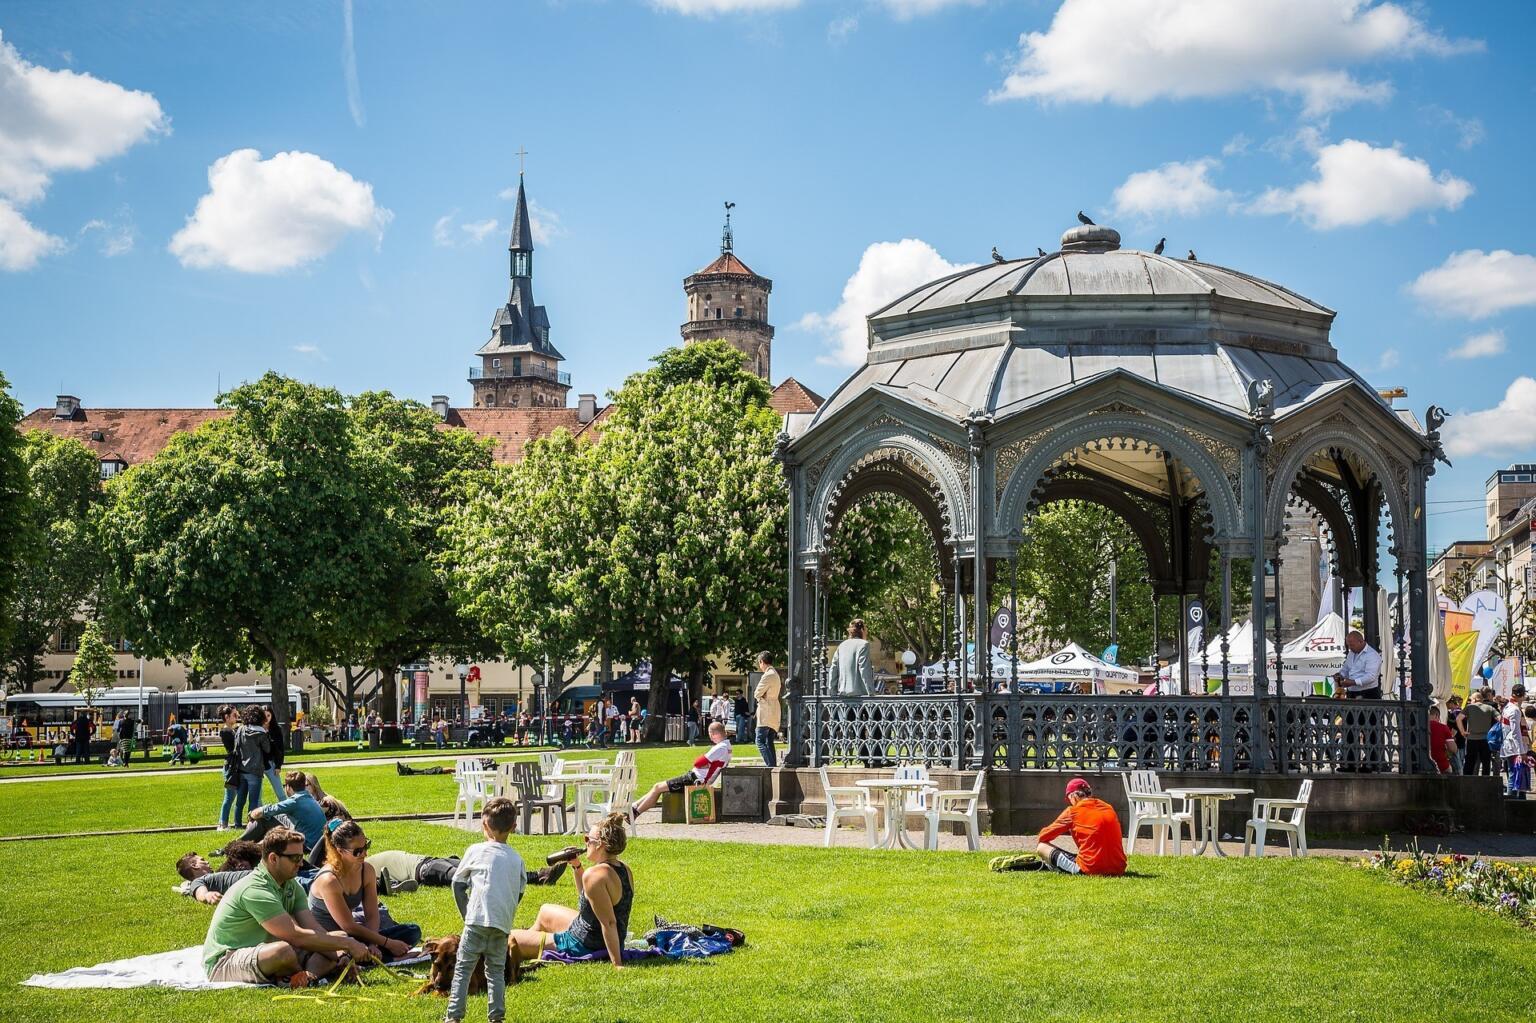 Stuttgart Park